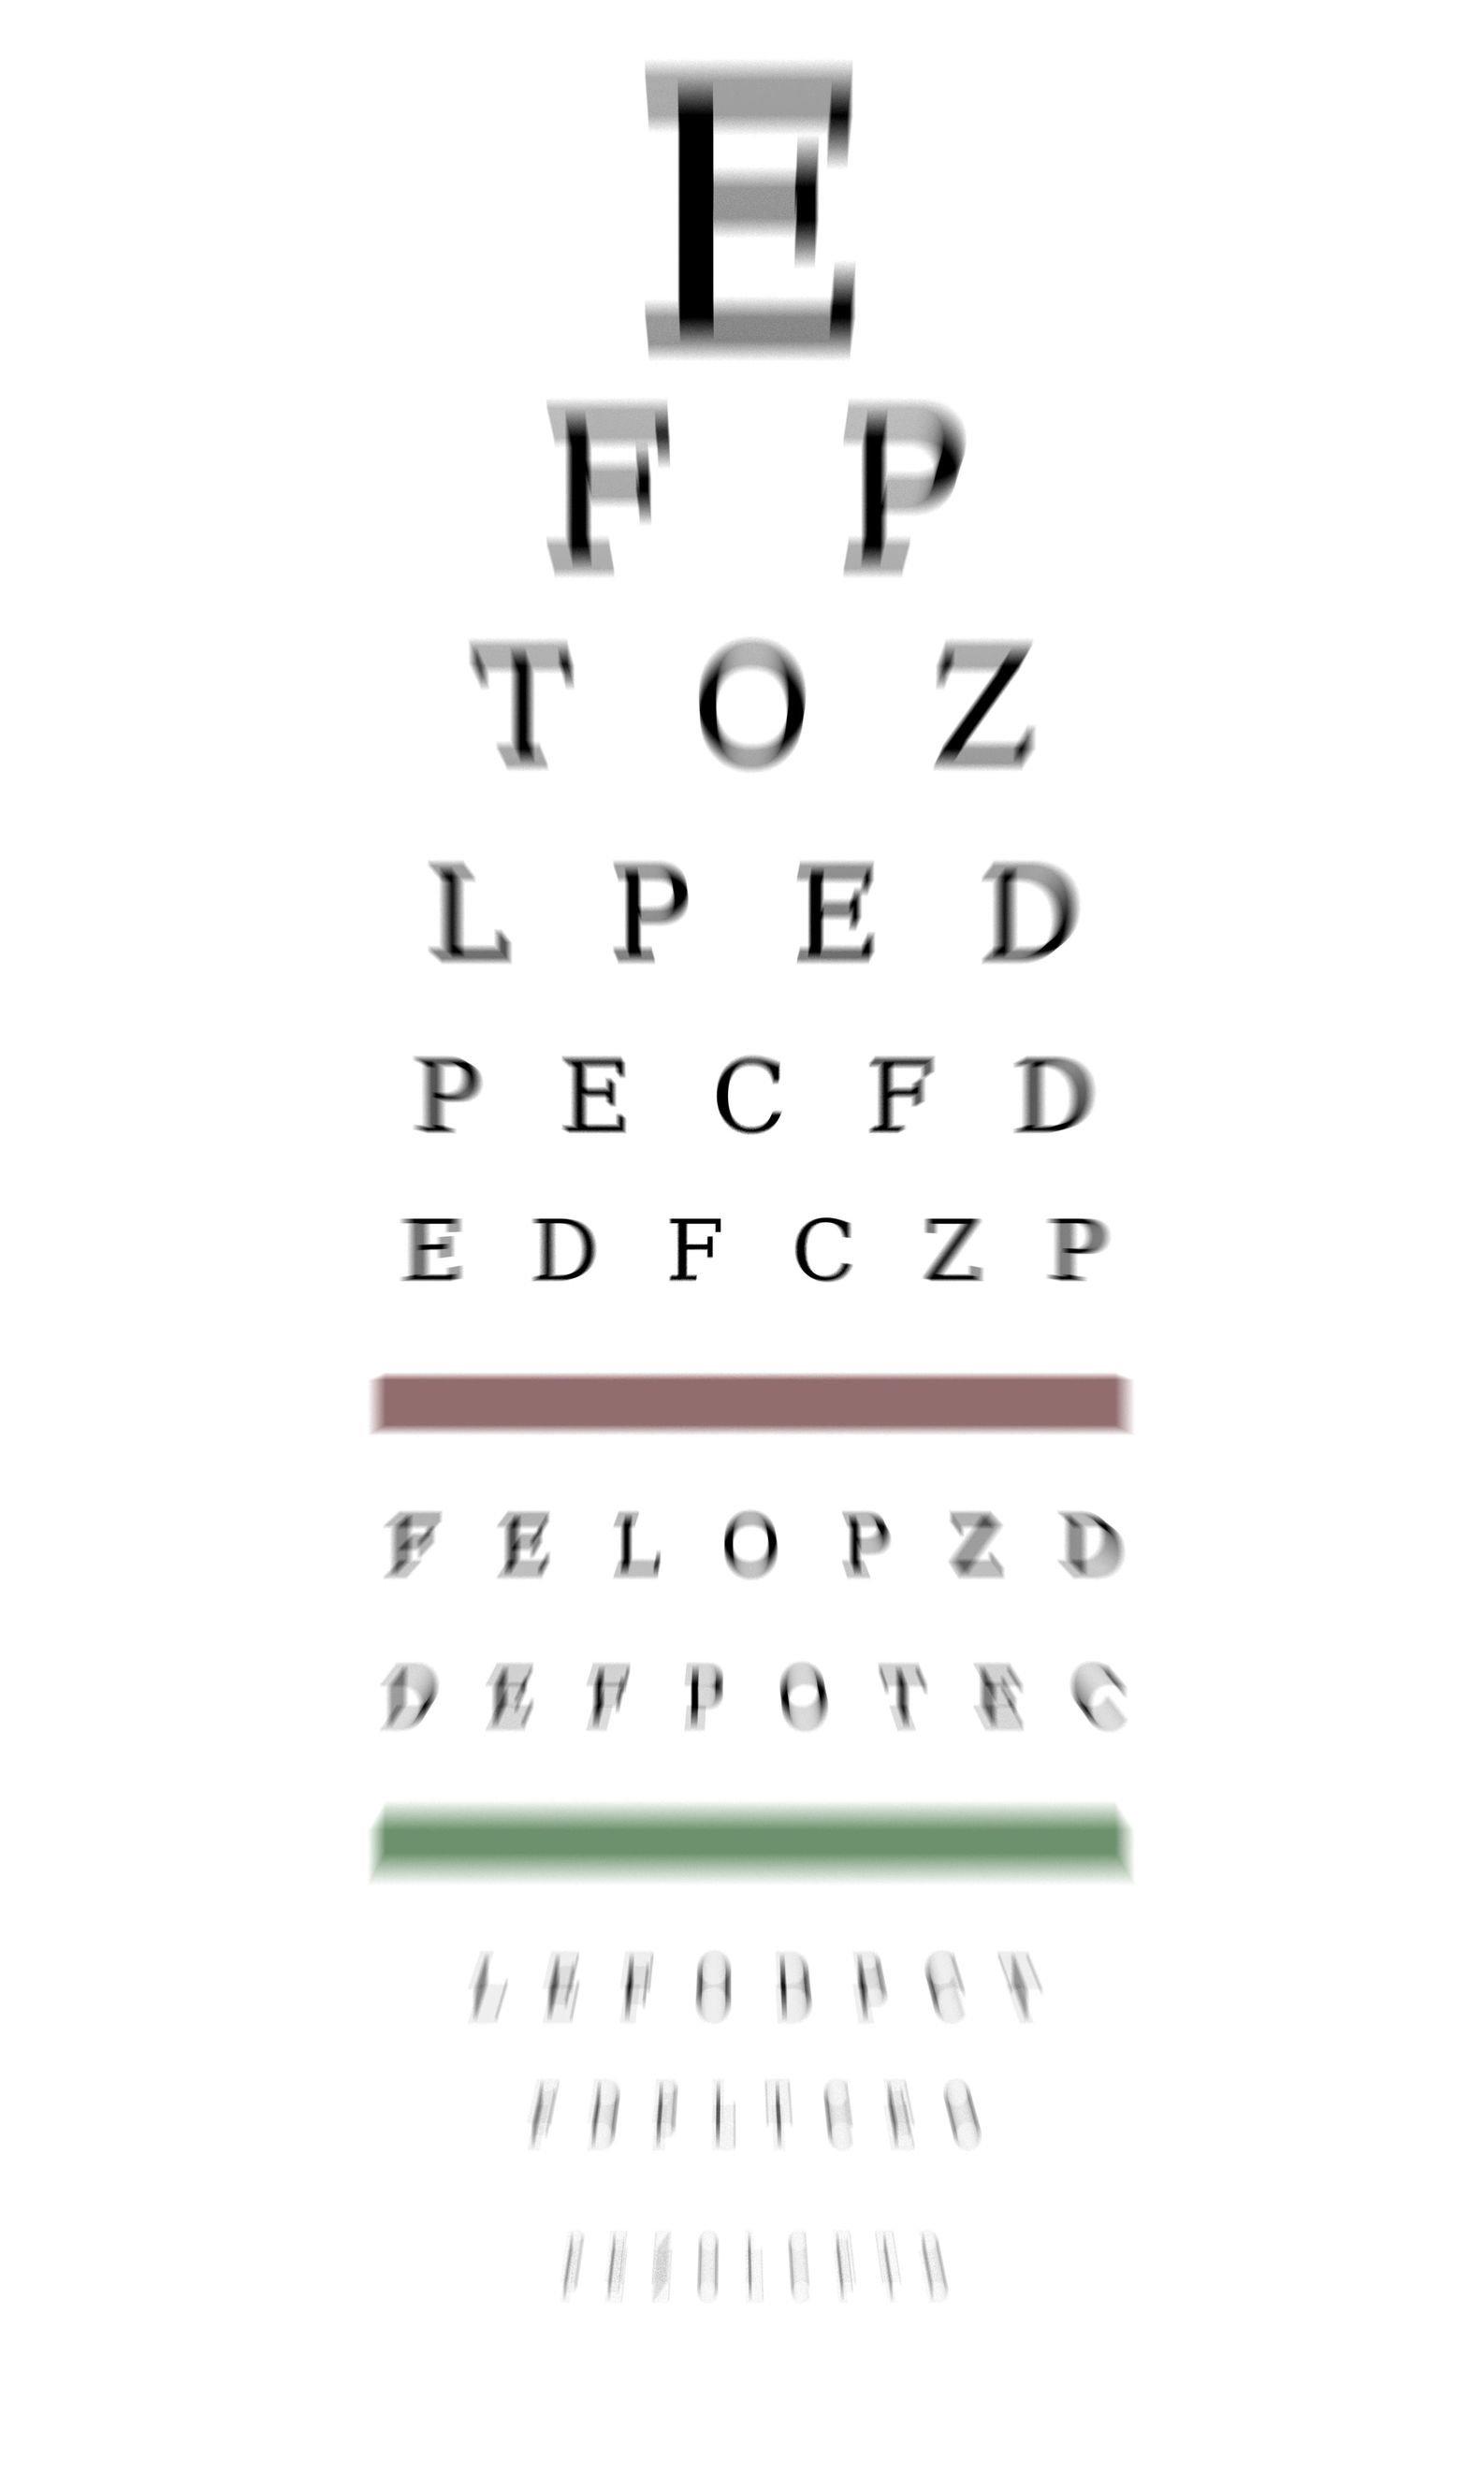 b2e7a2872c Soluciones a la inevitable vista cansada - Enfermedades y Trastornos ...